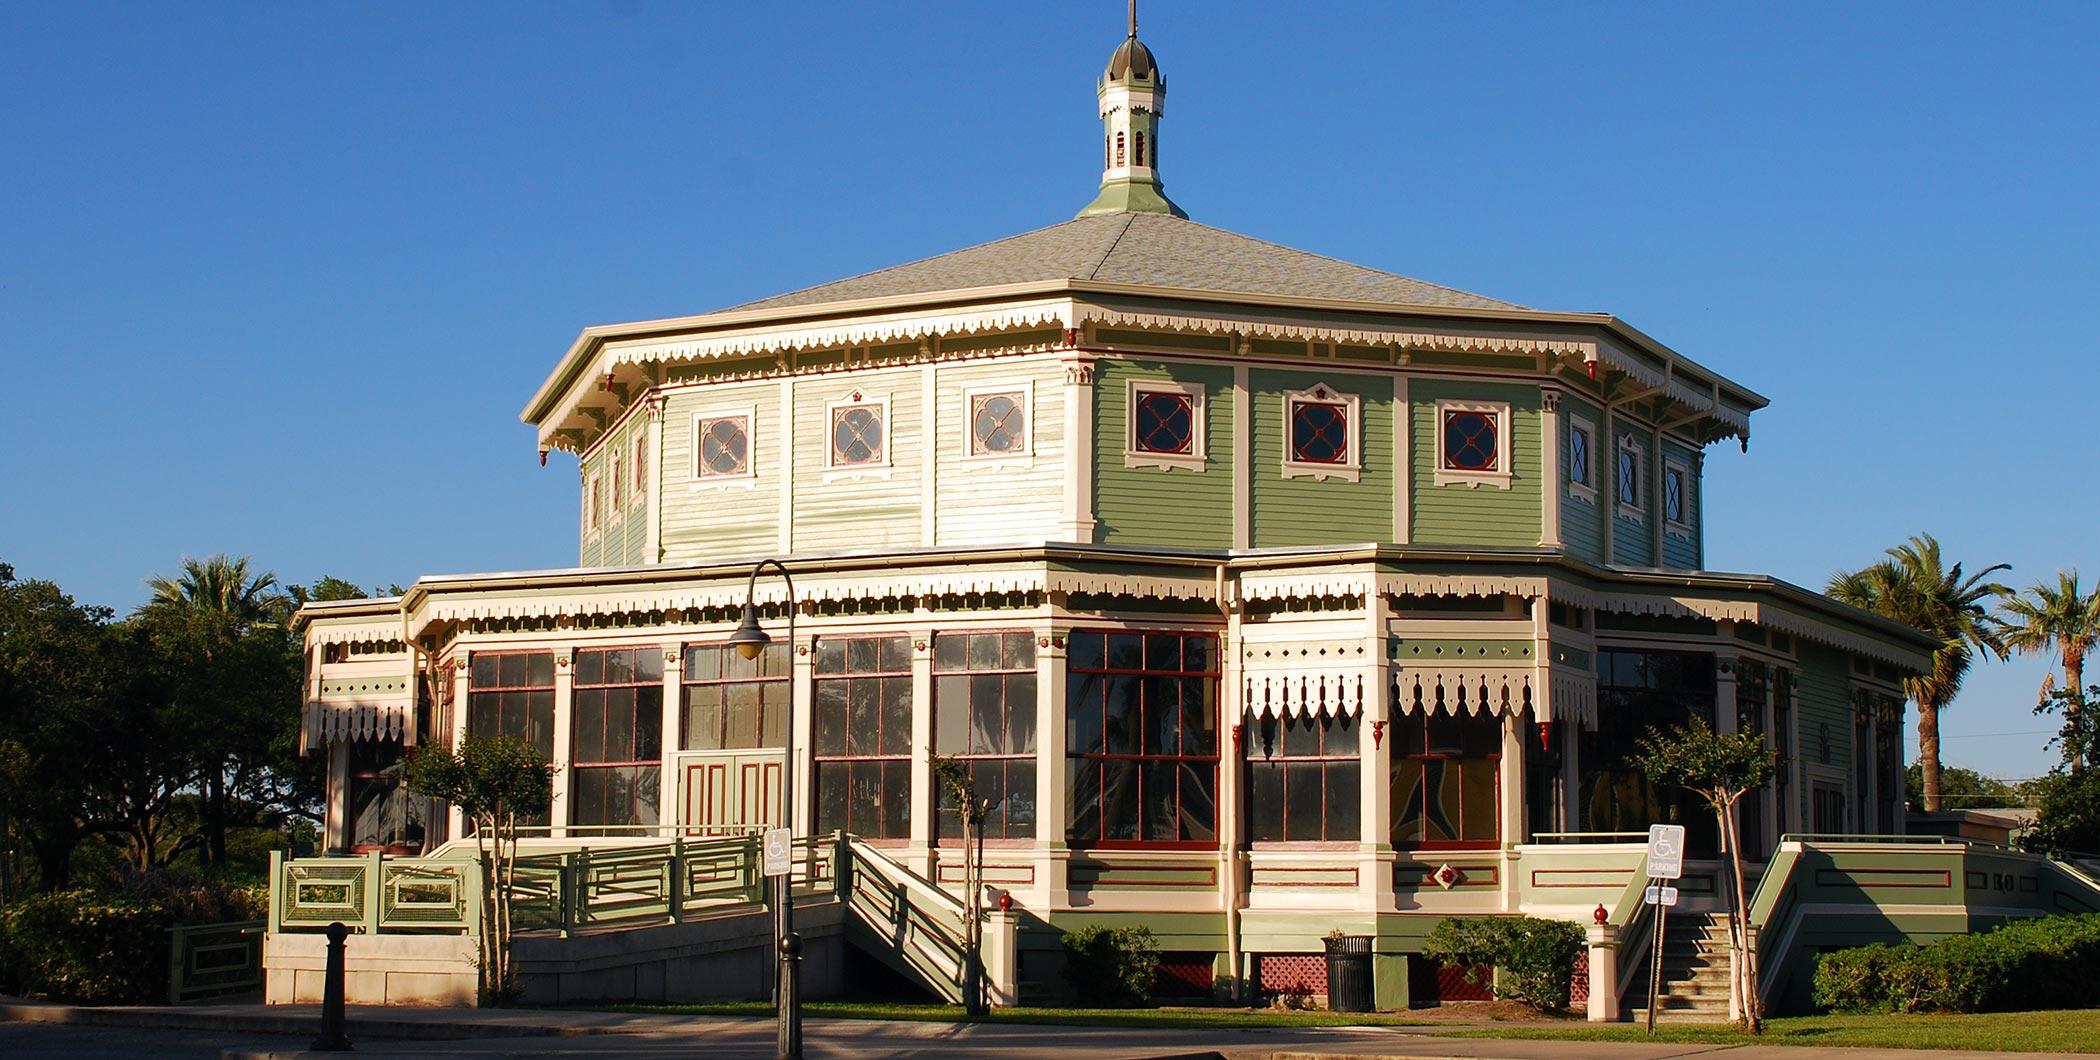 1880 Garten Verein | Galveston Historical Foundation